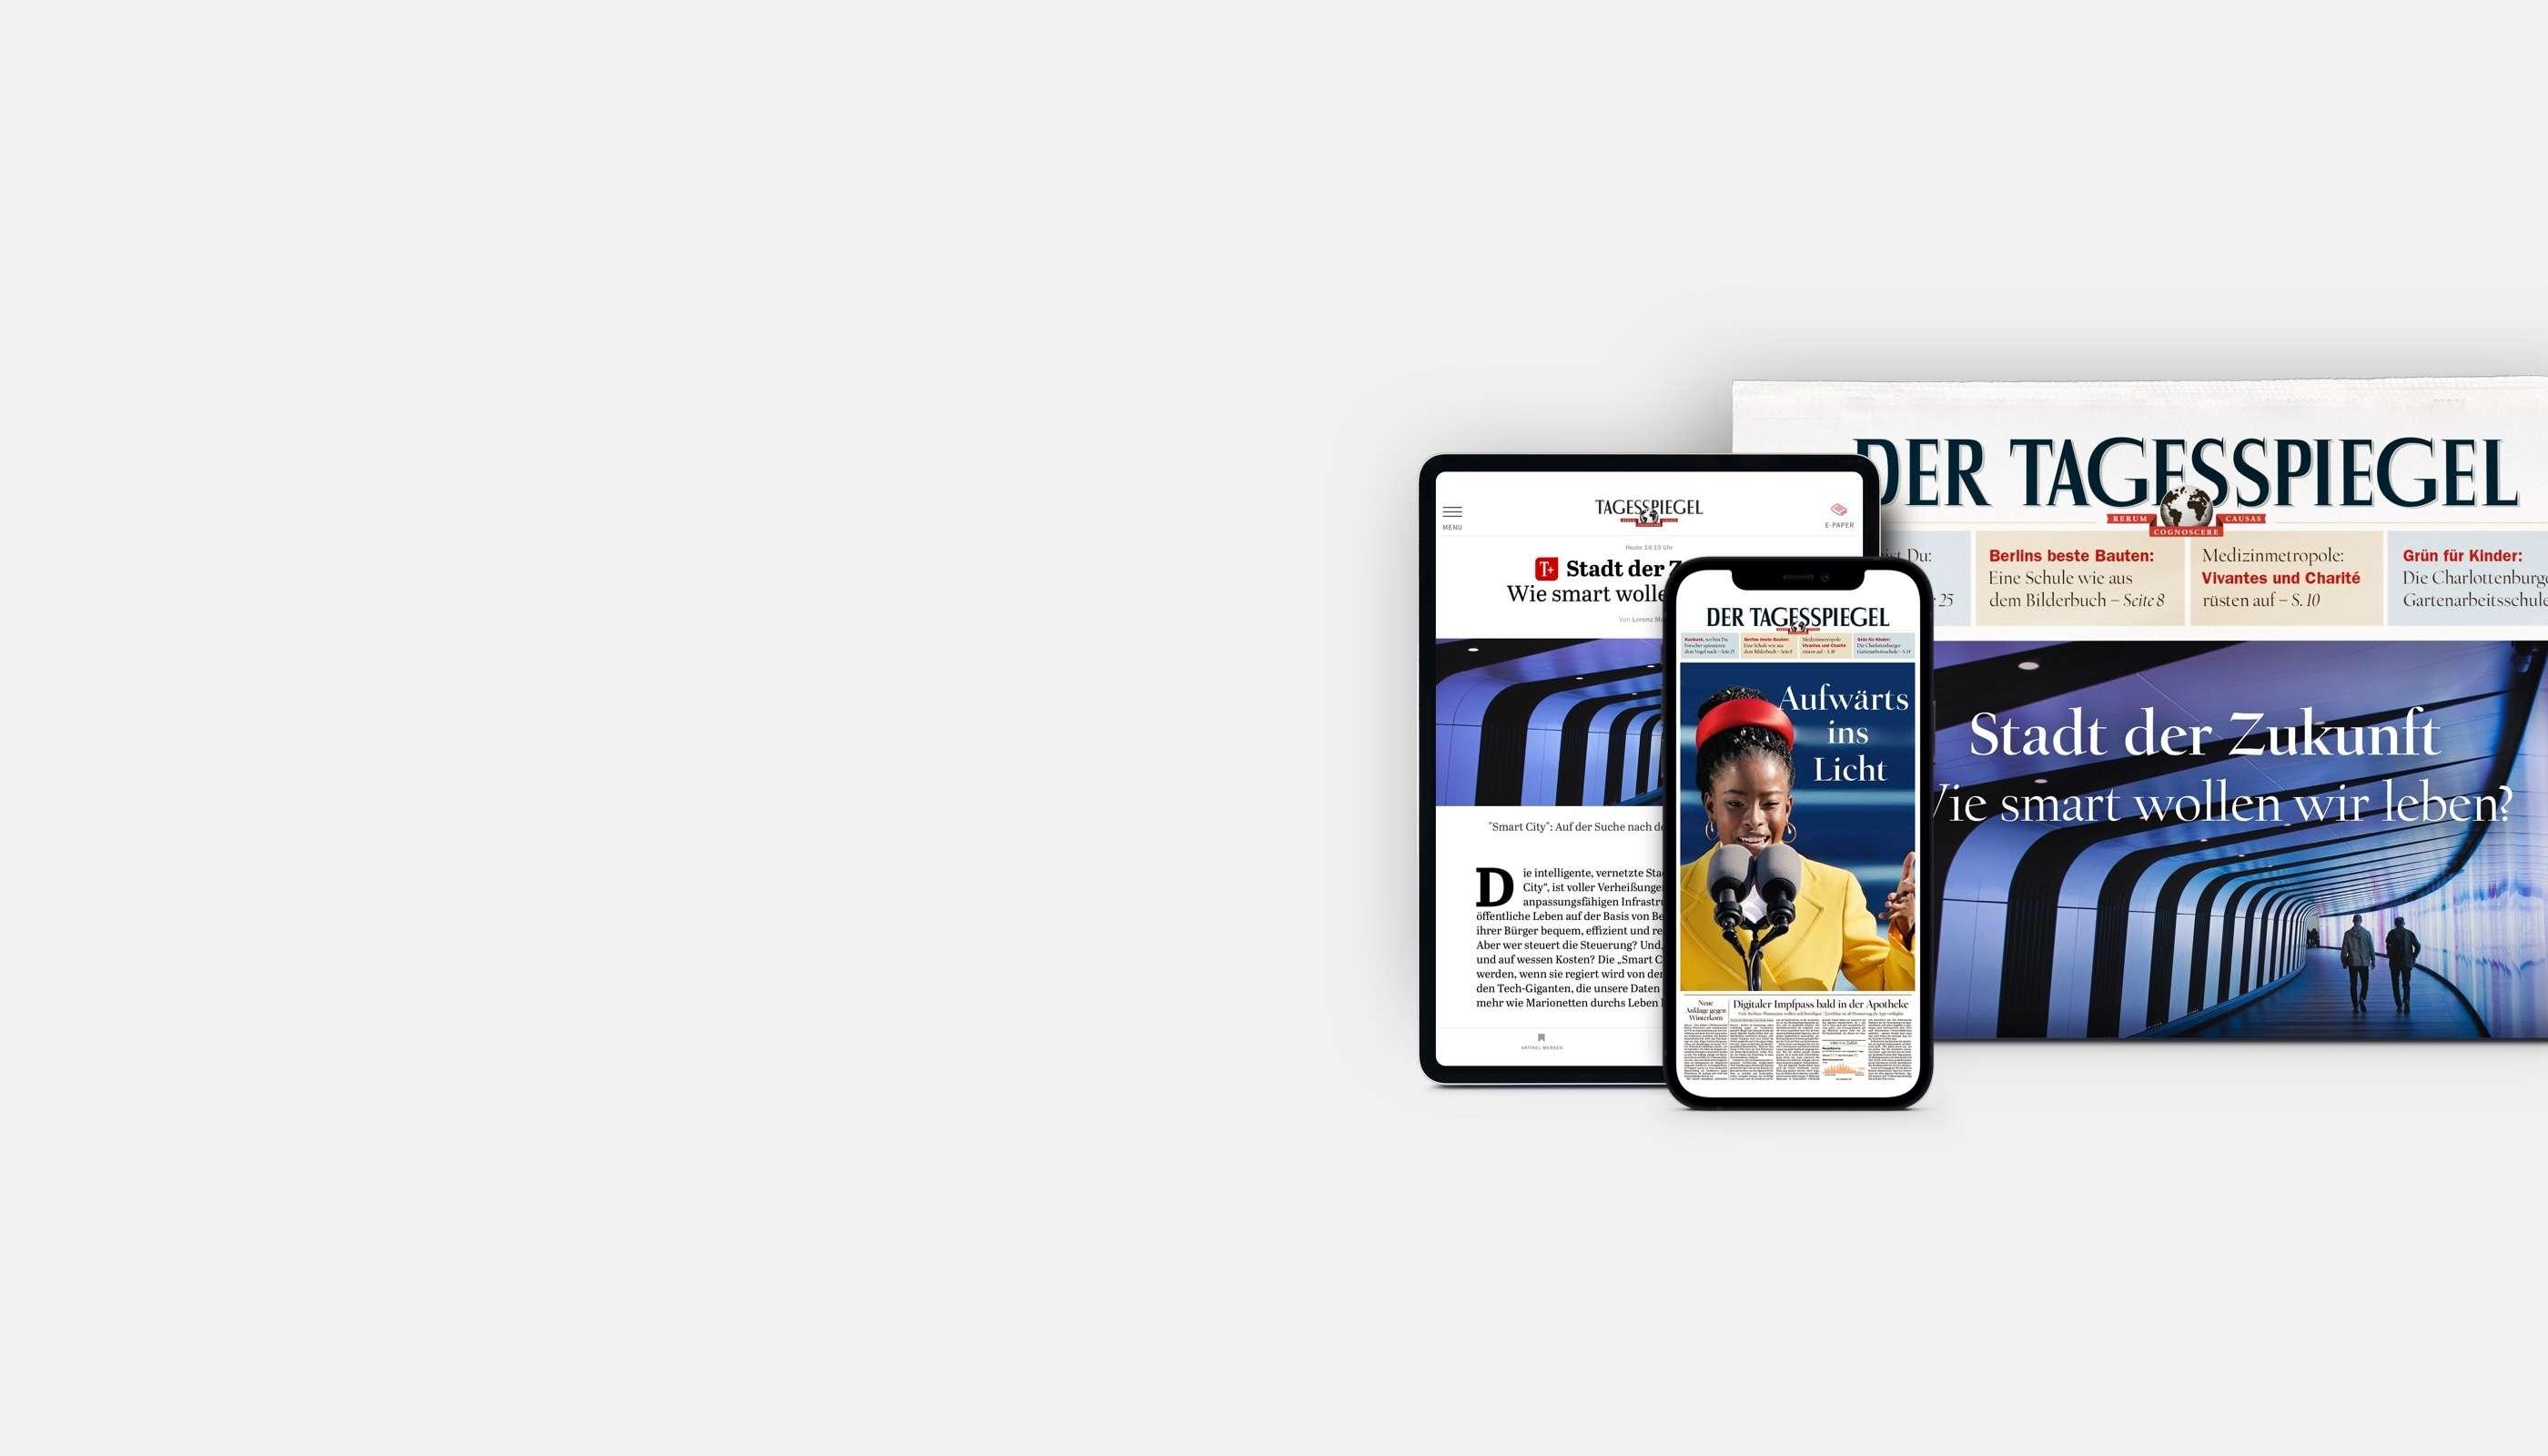 Exklusiv zur Wahl: Lesen Sie Tagesspiegel Plus 6 Wochen gratis!